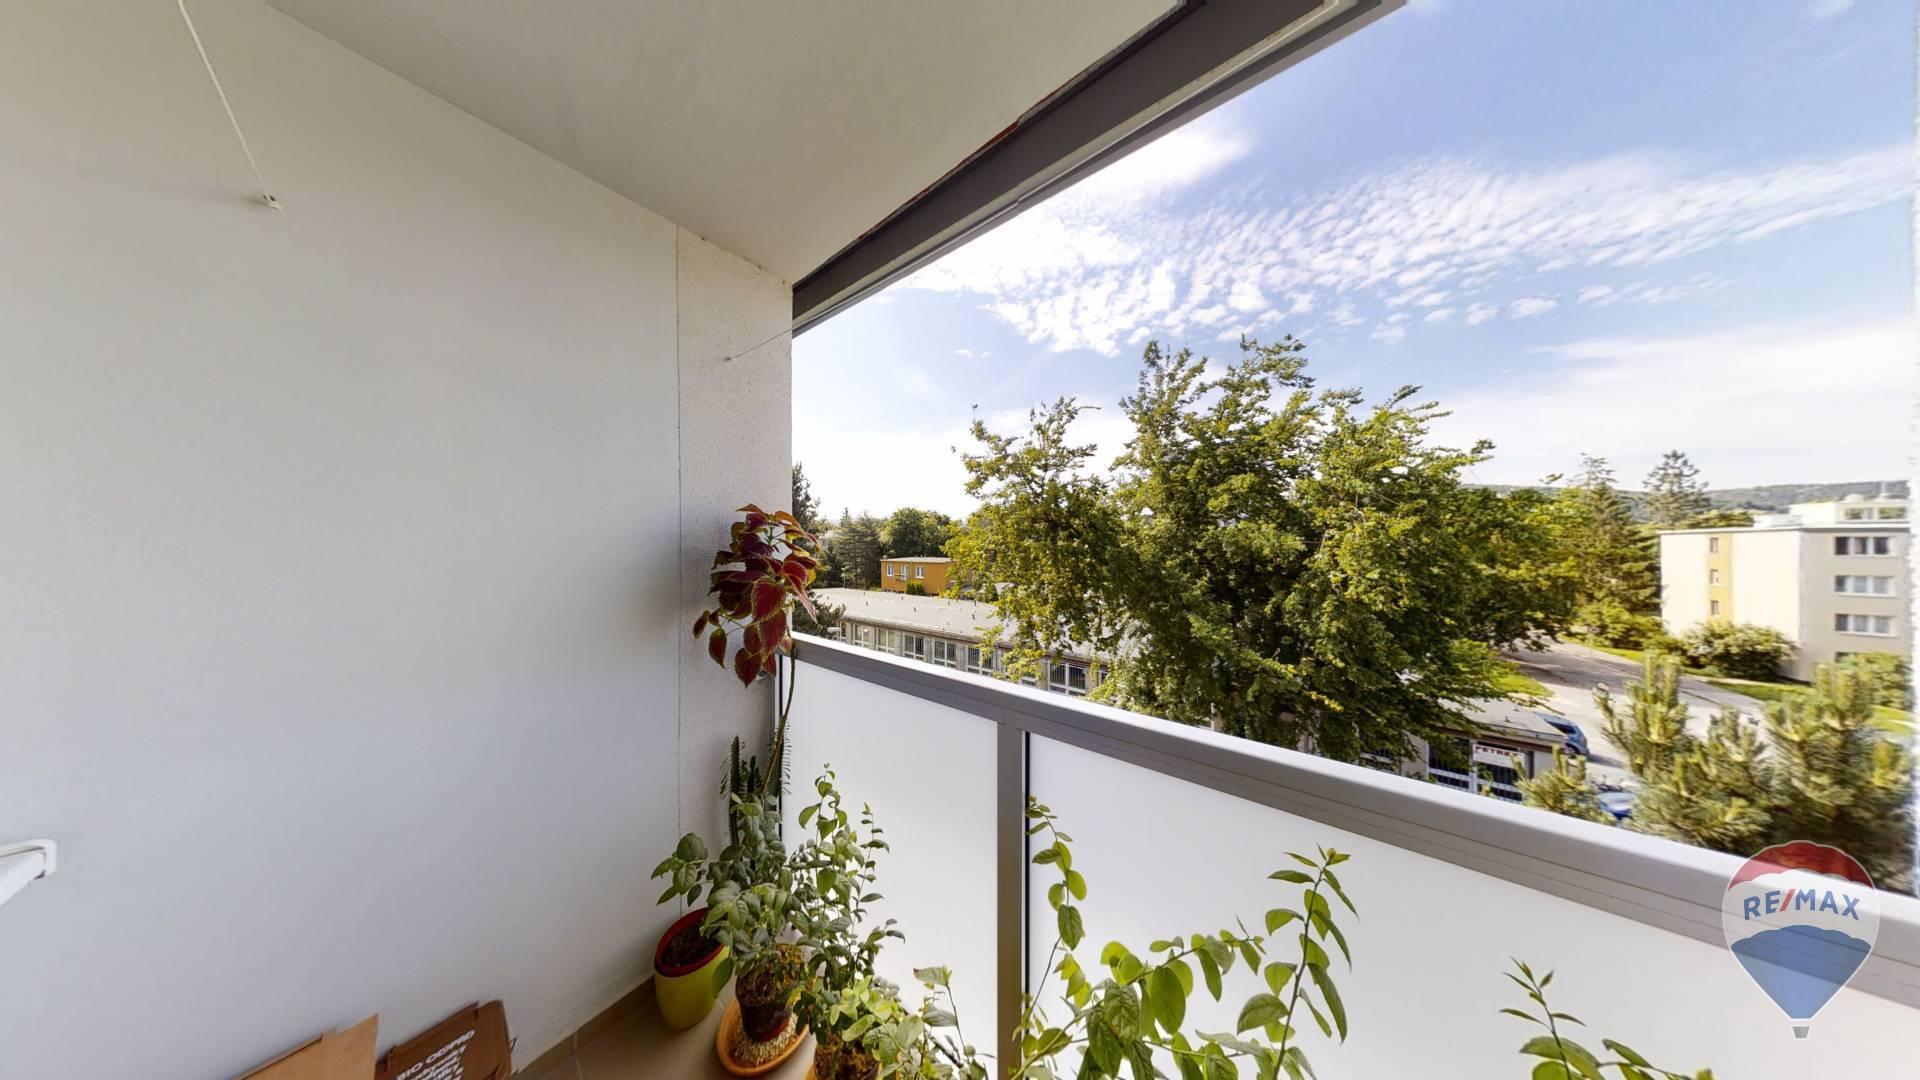 Predaj bytu (4 izbový) 74 m2, Trenčín -